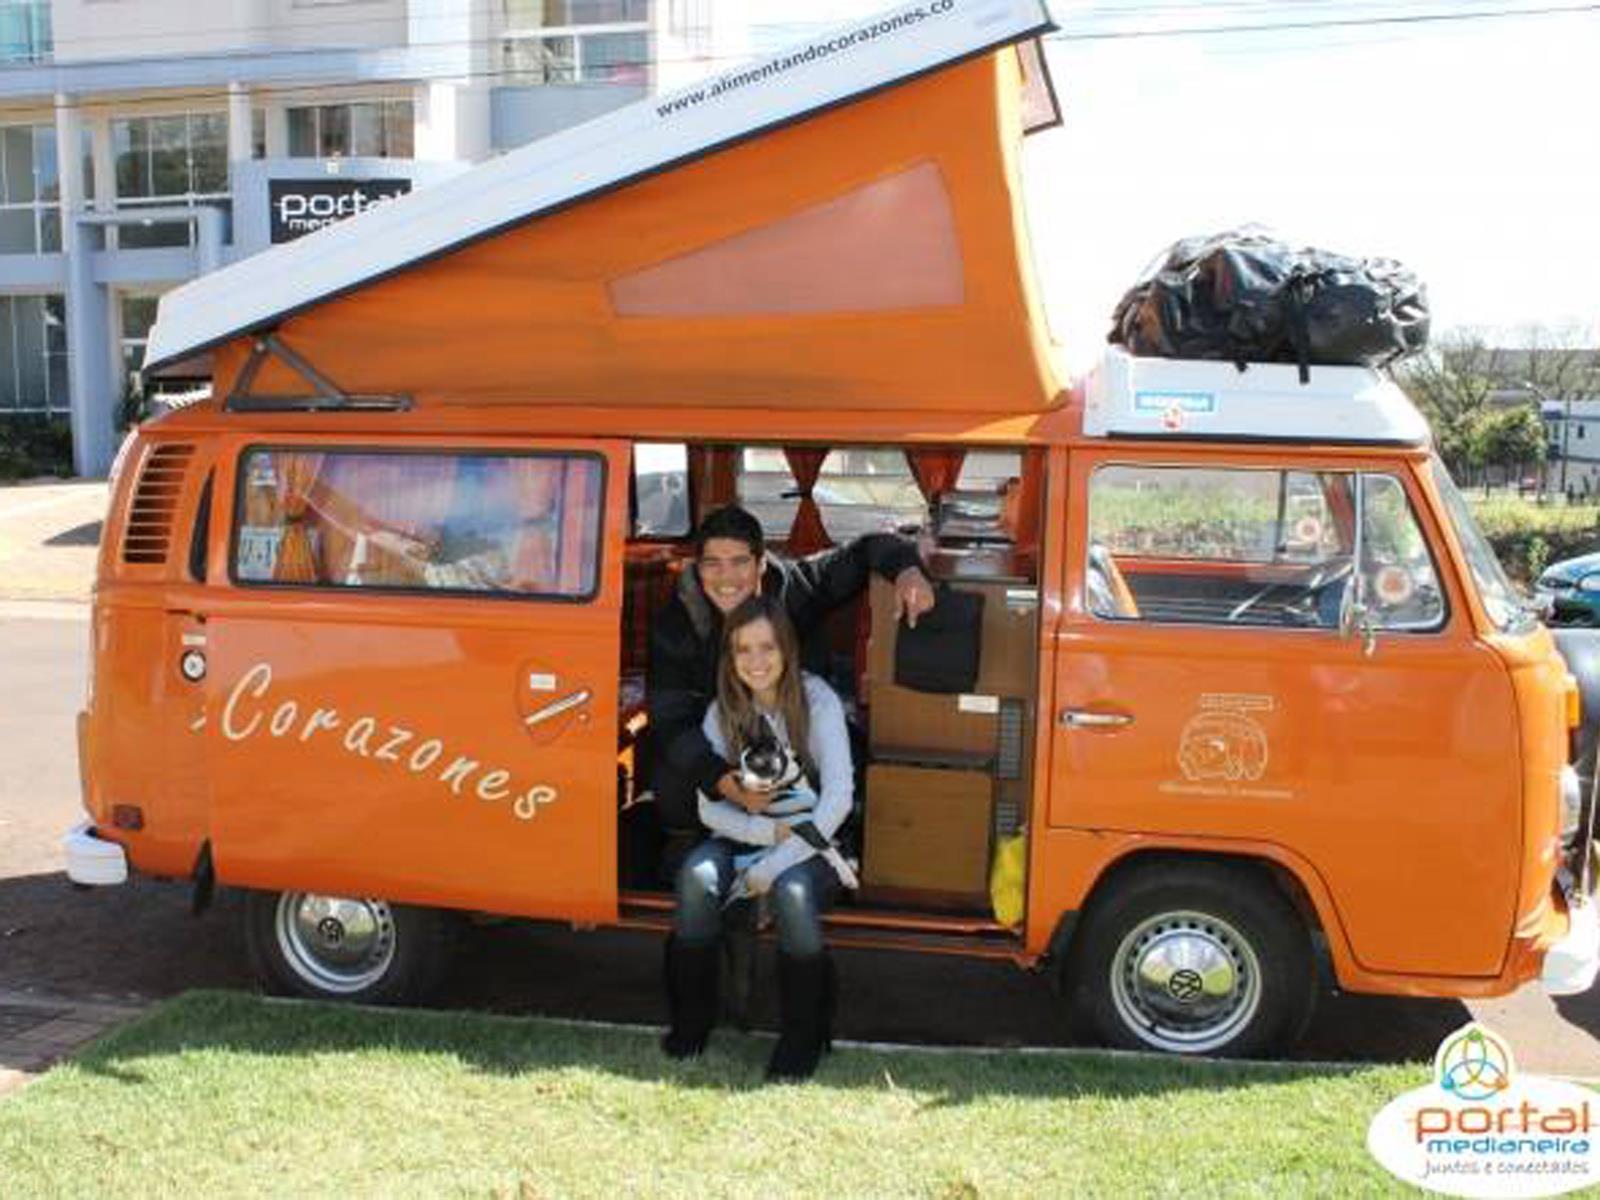 Super aventura en camion parte 1 una madura y una joven - 1 part 2